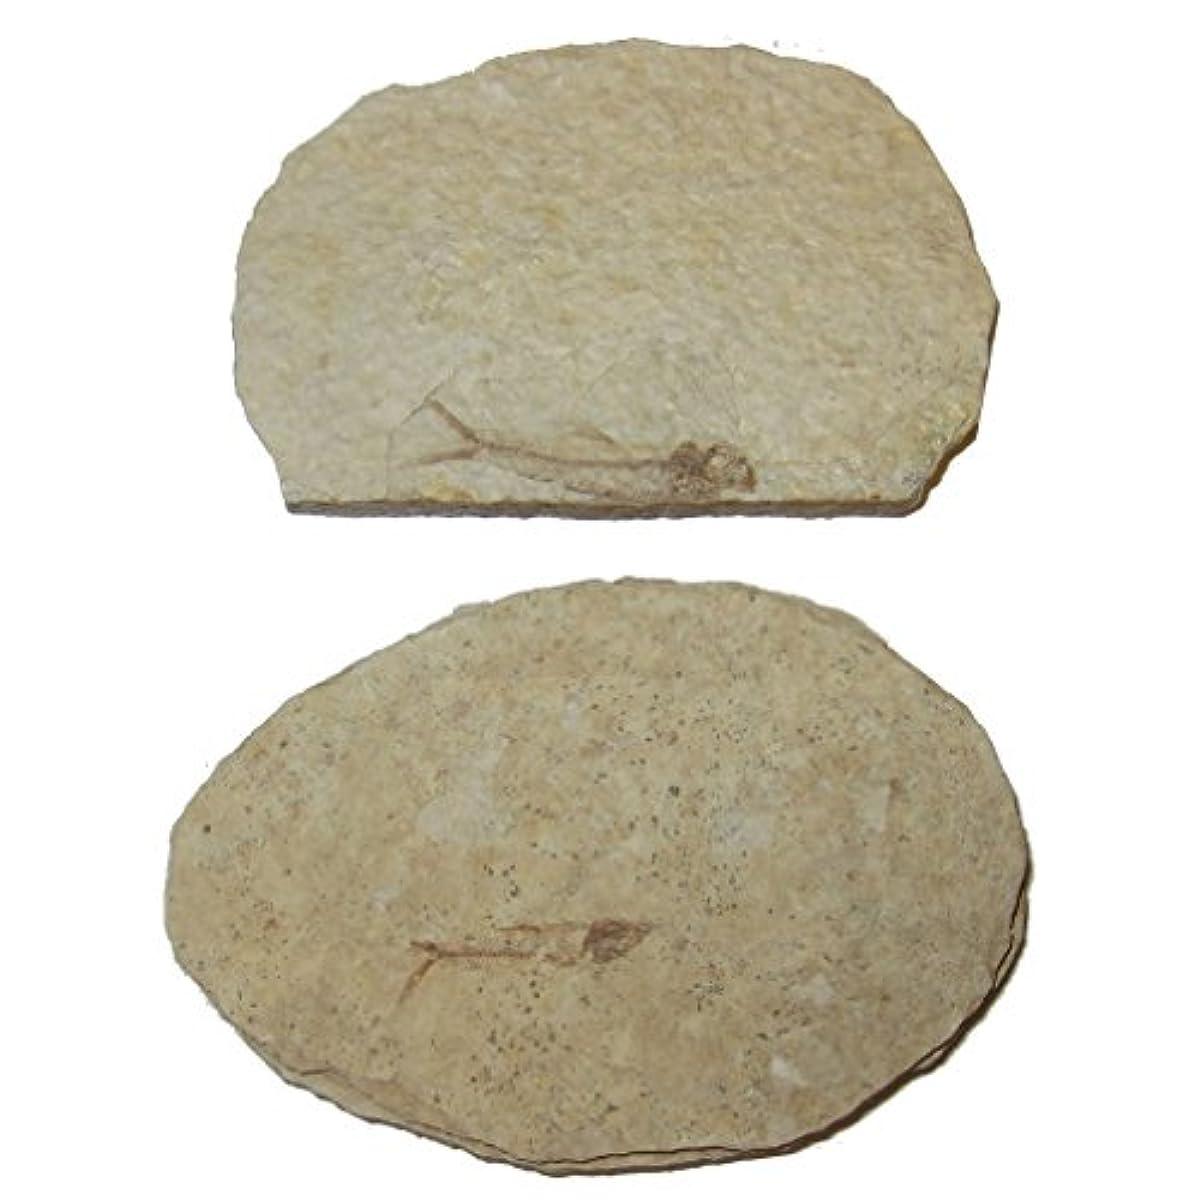 ハンマー開示する謎化石スライス51 Fresh Water Herring魚スケルトンAquaticボーンサンプル50万年3